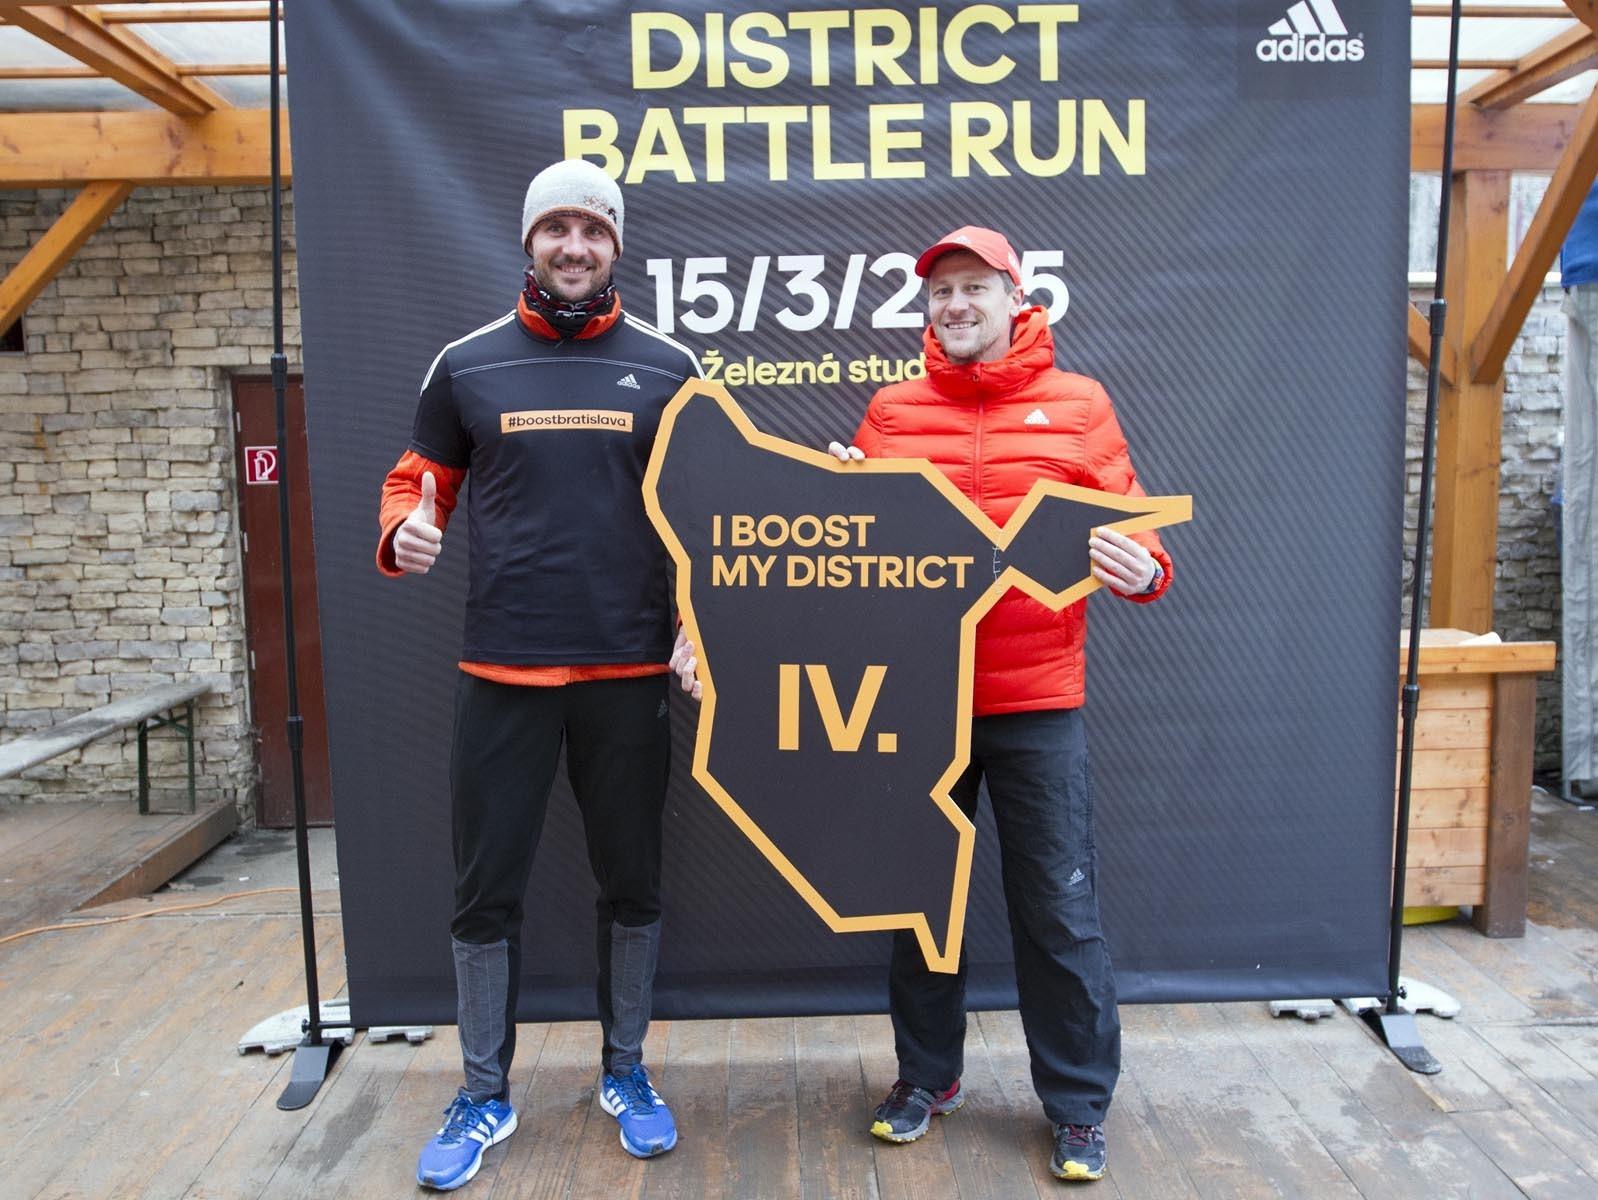 Nový bežecký okruh pre víťazov adidas District Battle Run otvorený